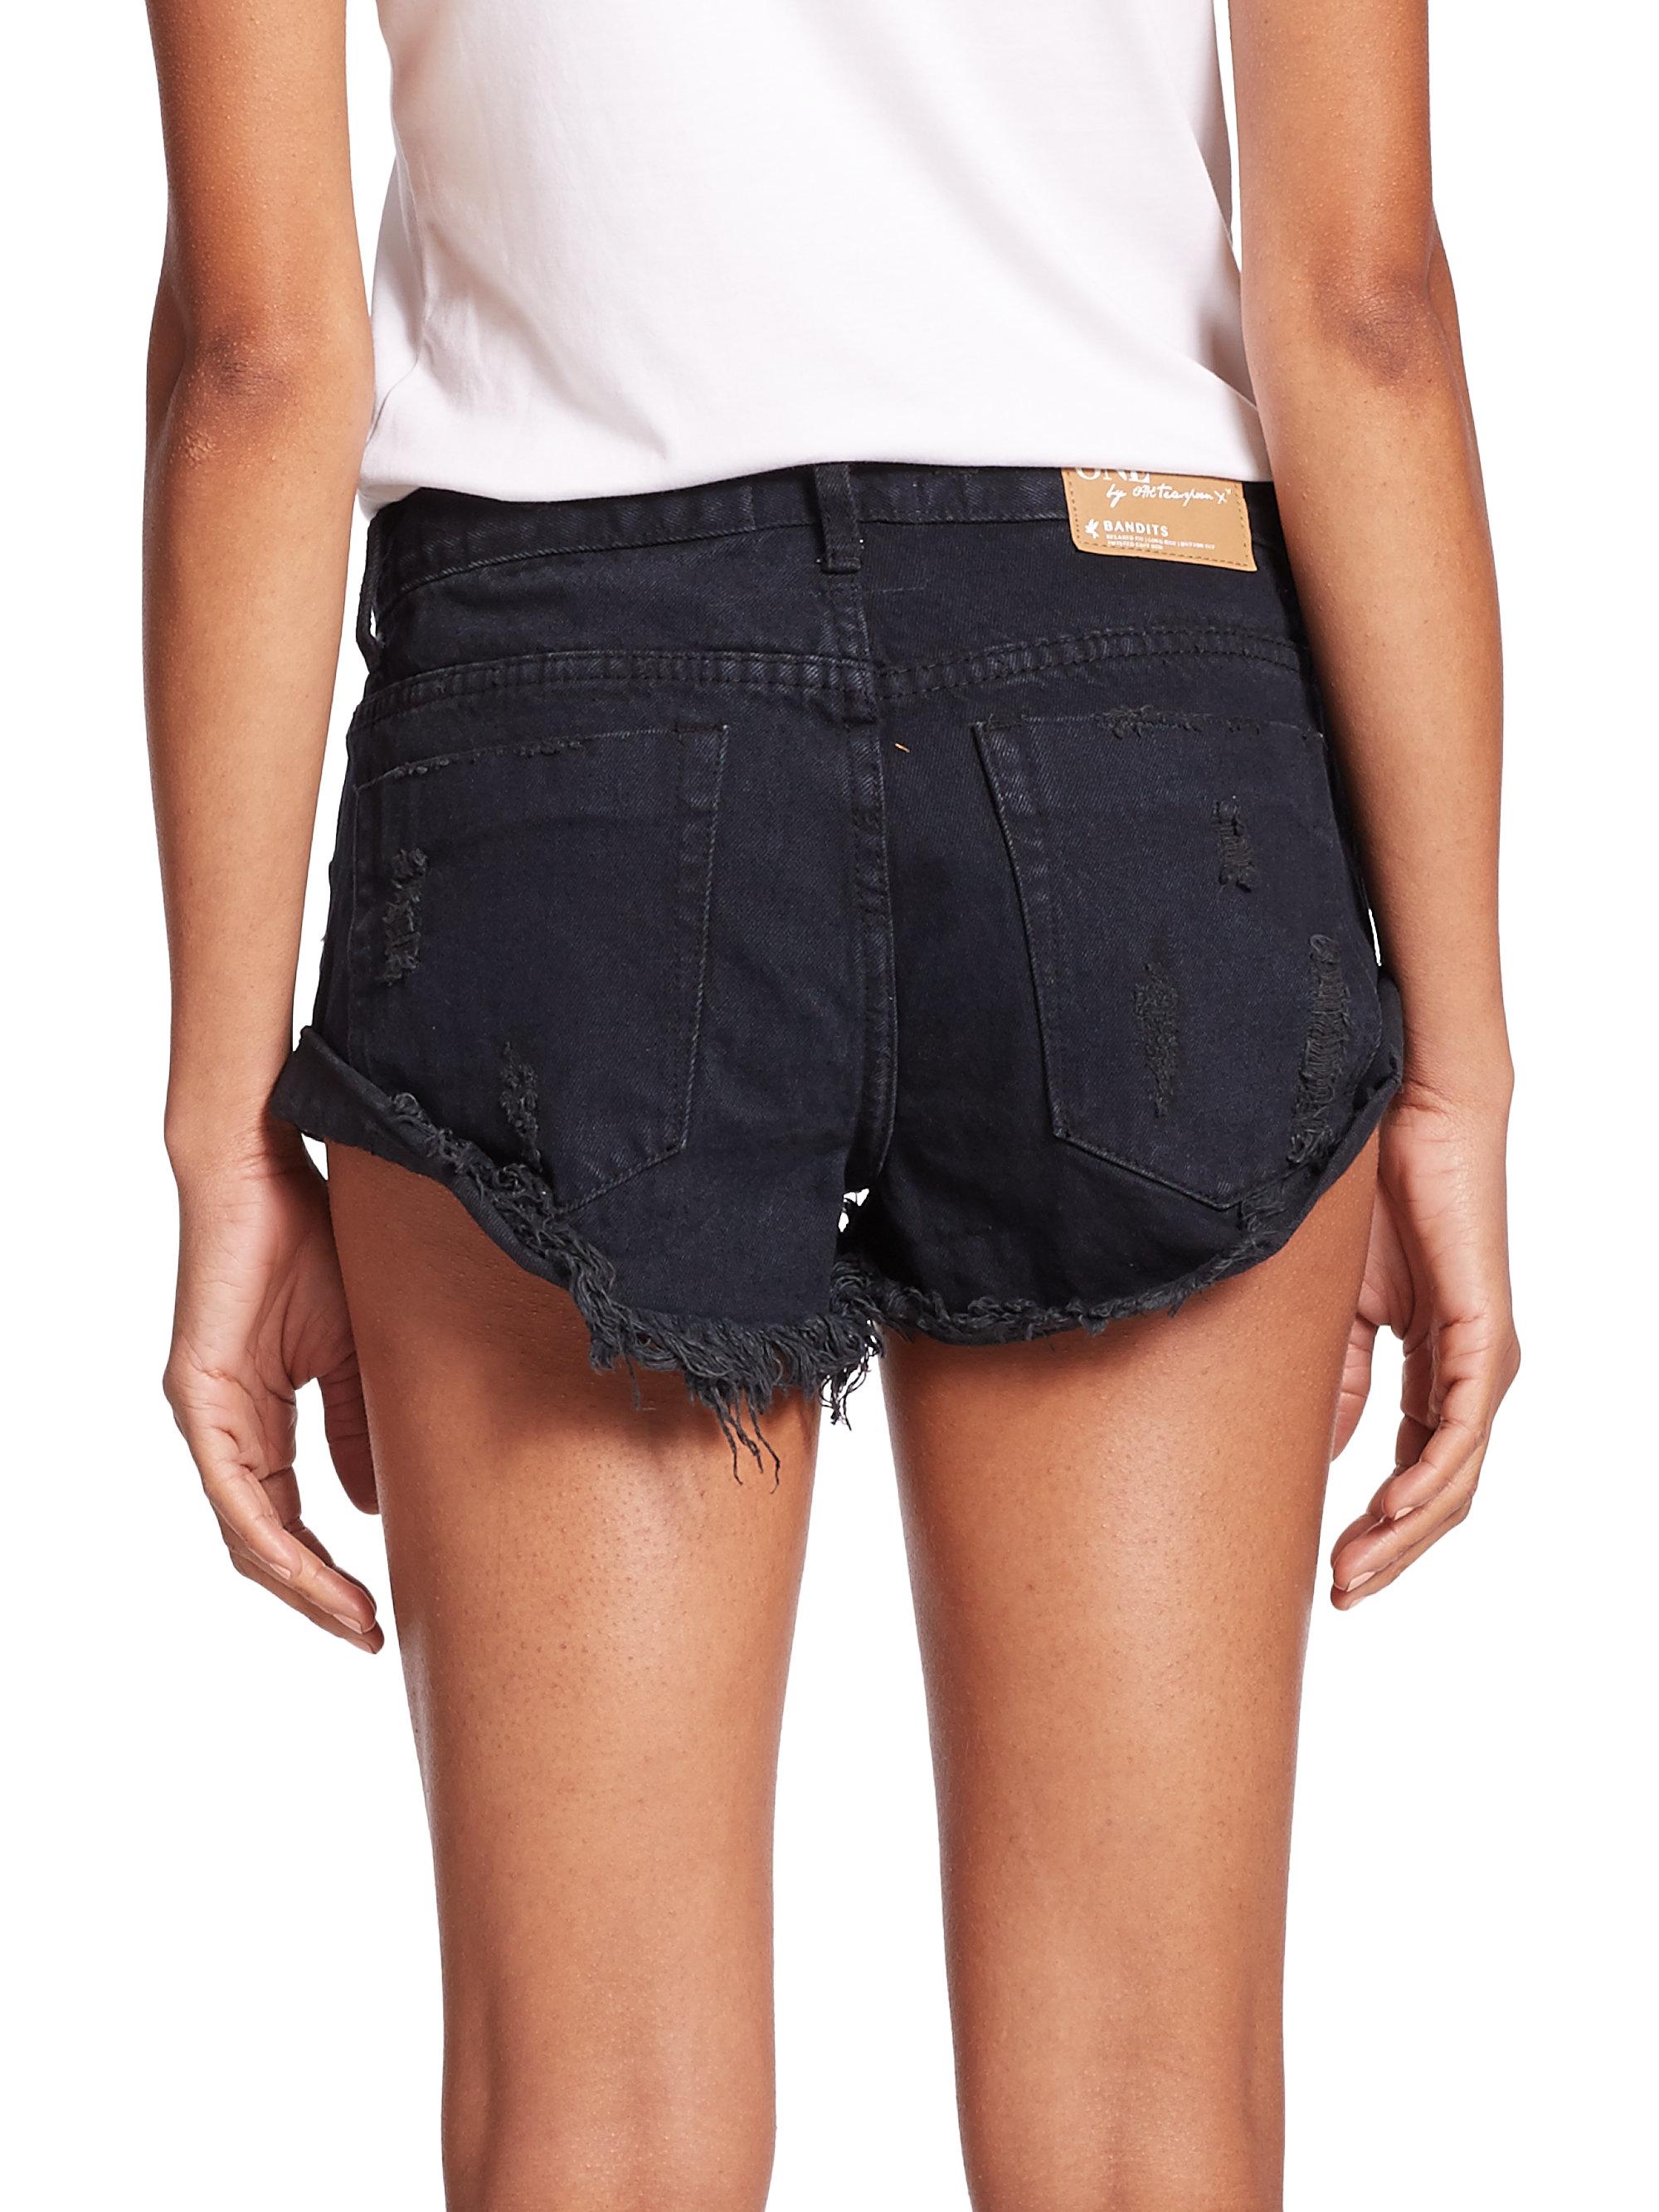 0f0702b0e804f7 Women One Teaspoon Womens Fox Black Bandits Shorts Denim